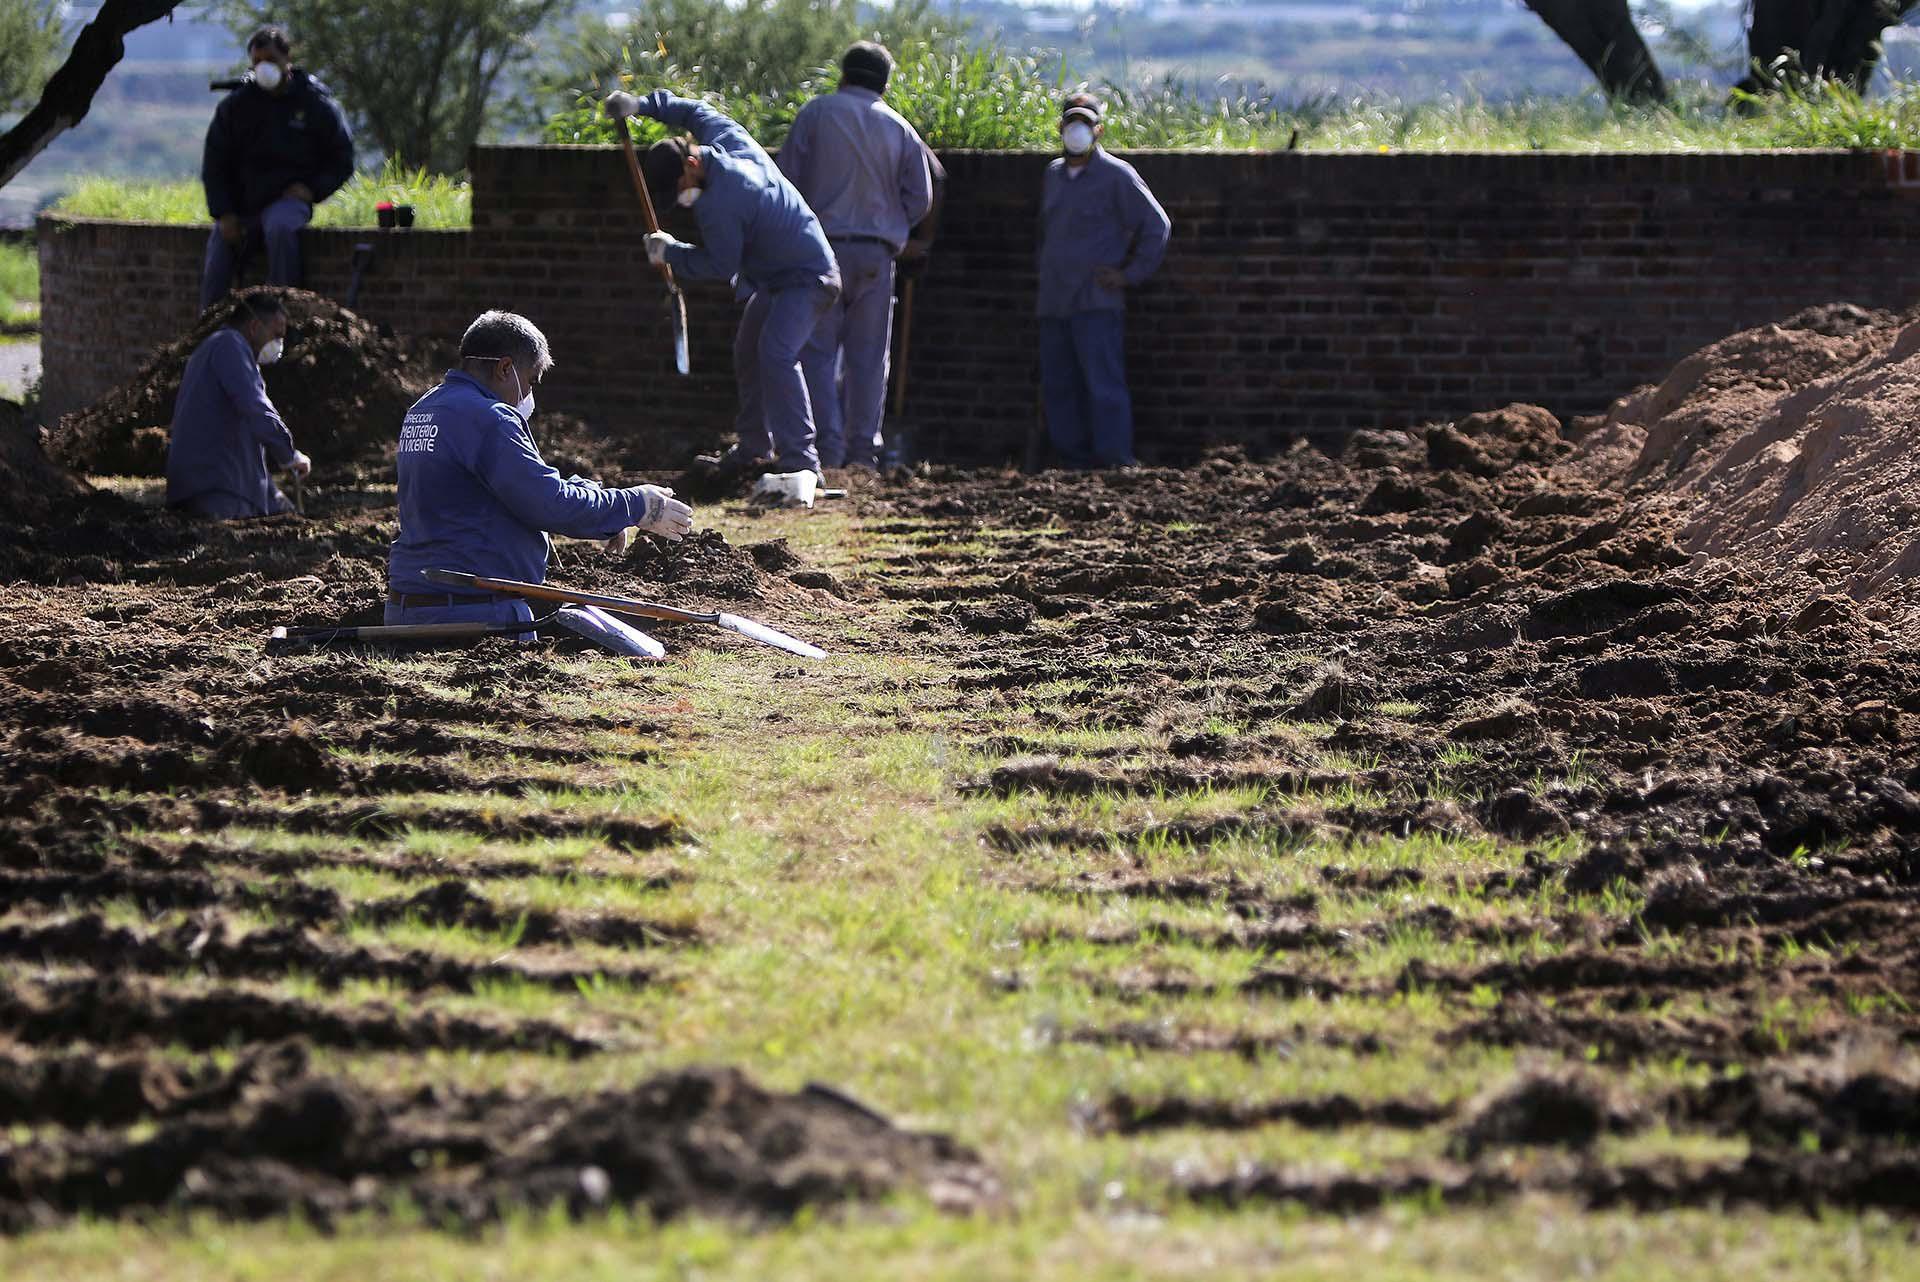 En pleno aumento de los casos, operarios cavan tumbas en el cementerio de San Vicente, en la provincia de Córdoba